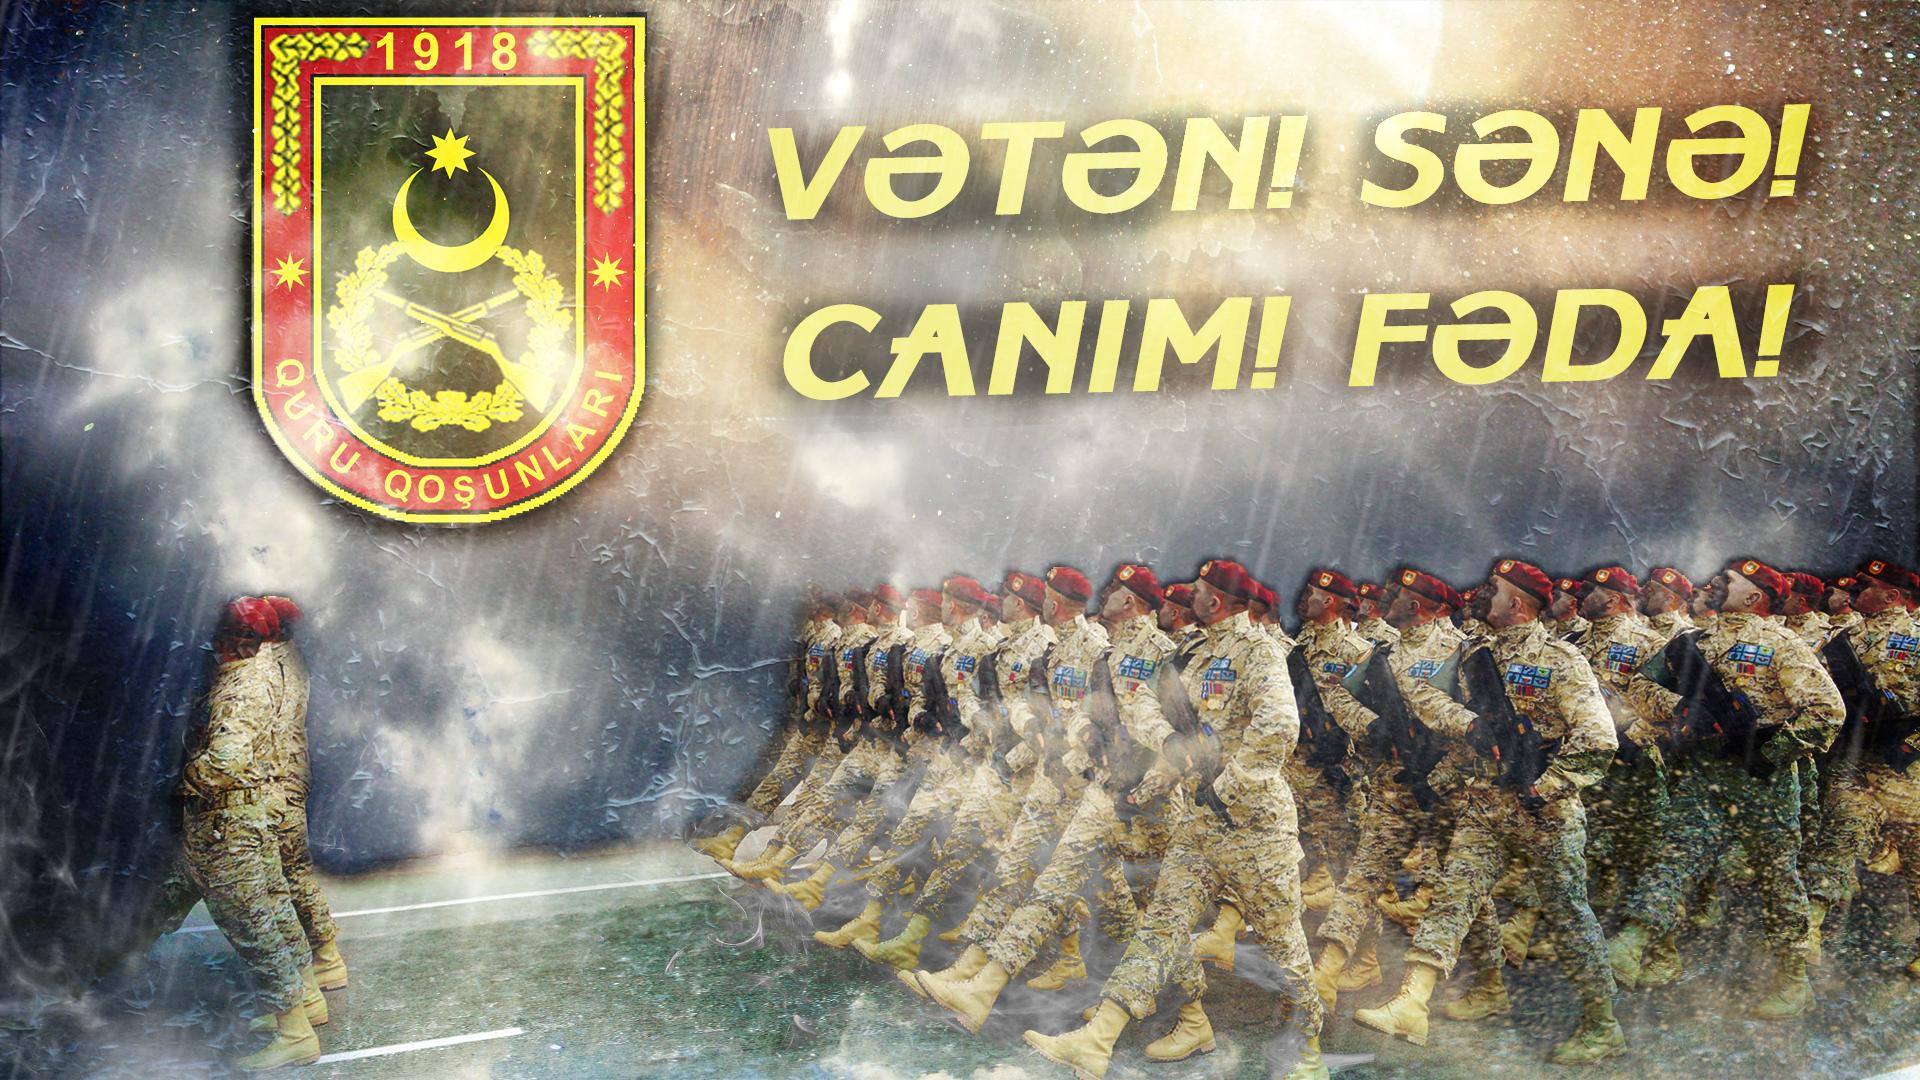 Vatan Sana Canim Feda Vətən Sənə Canim Fəda Azerbaycan Tasarim Art Painting